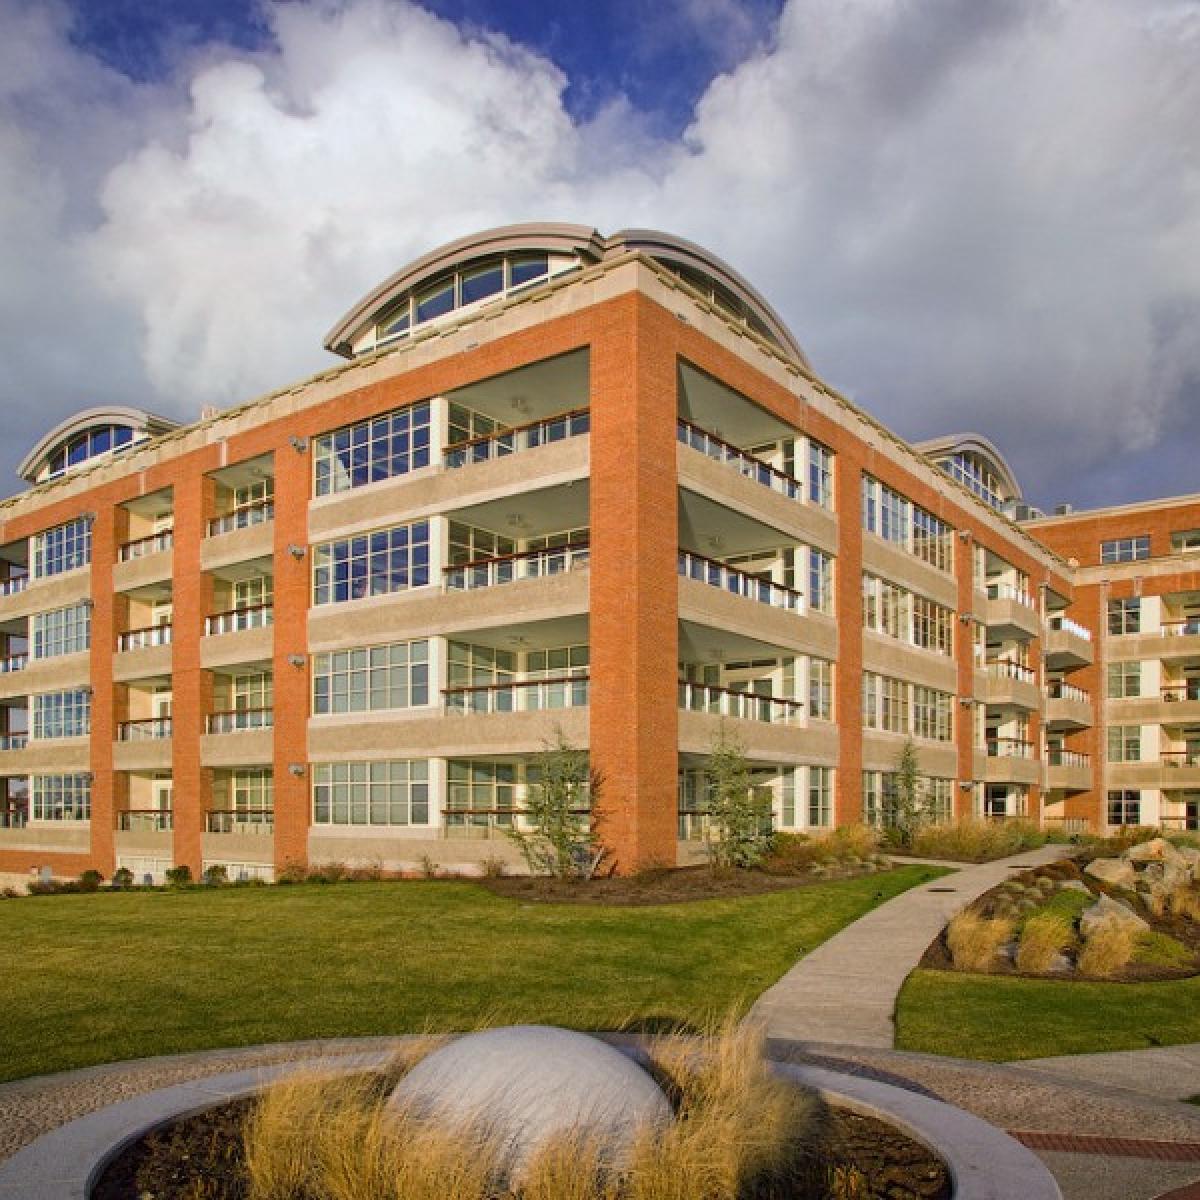 architectual exteriors